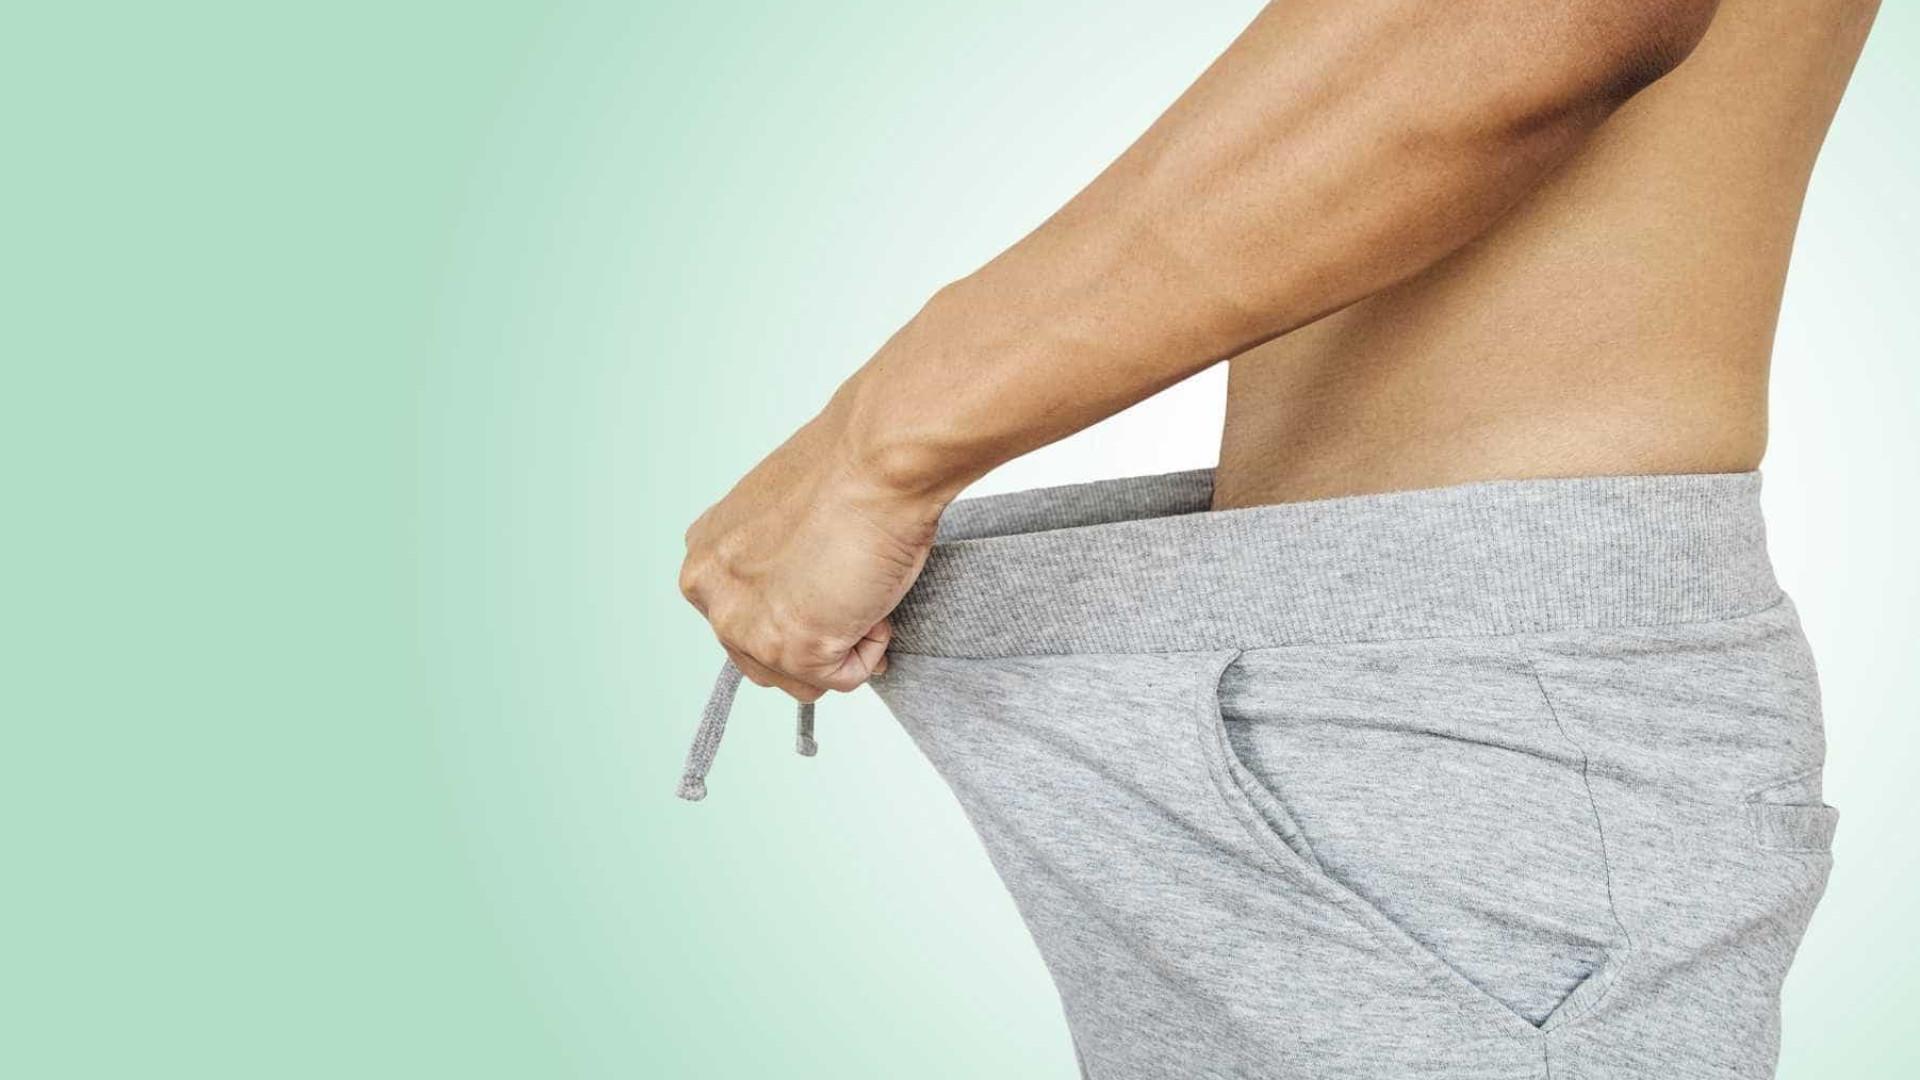 Homens com diabetes têm mais chance de sofrer com disfunção erétil